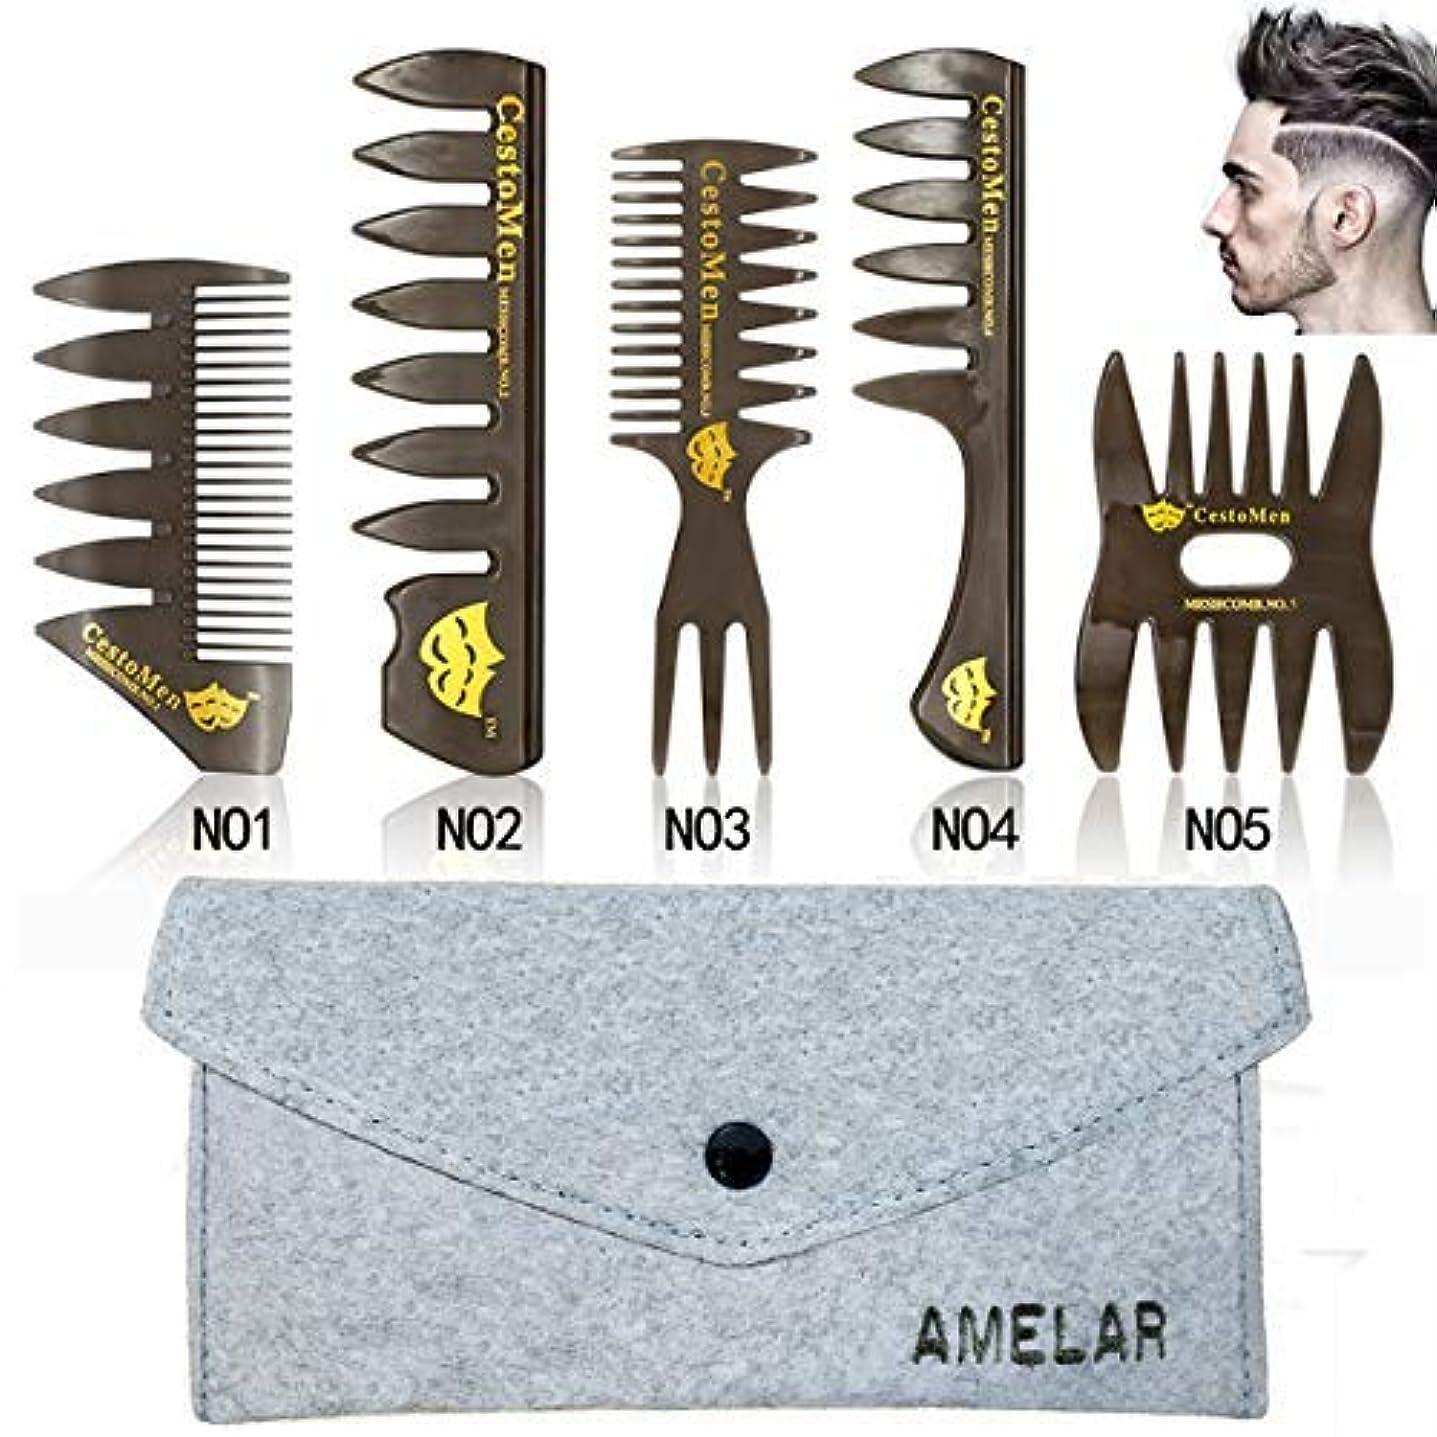 必需品たまに倍増6 PCS Hair Comb Styling Set Barber Hairstylist Accessories,Professional Shaping & Wet Pick Barber Brush Tools,...